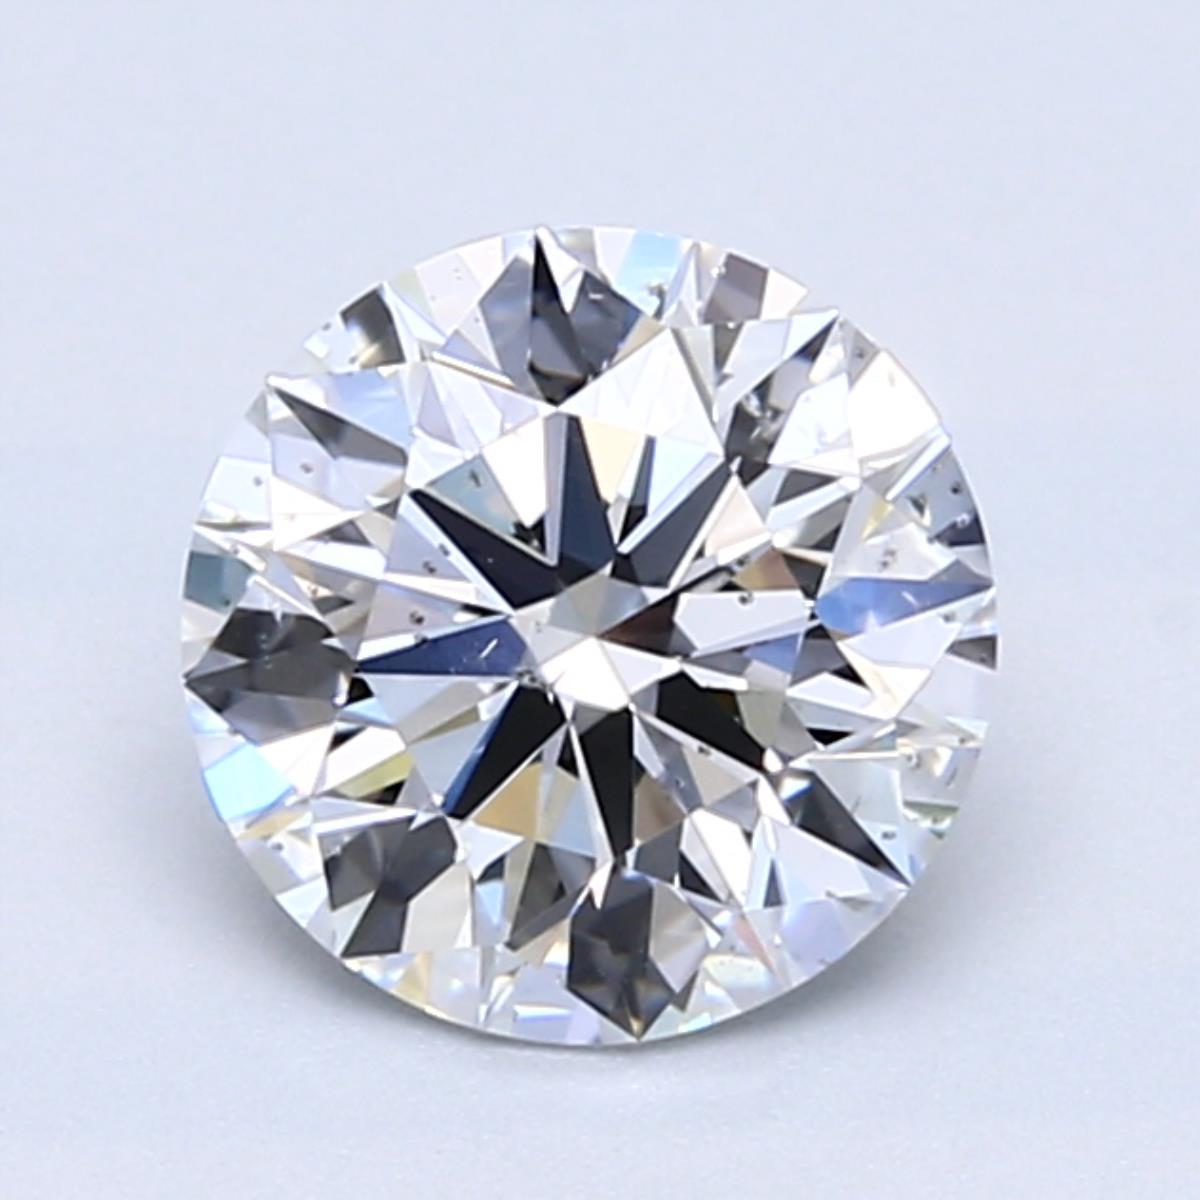 1.56 RD Diamond (E, SI1)